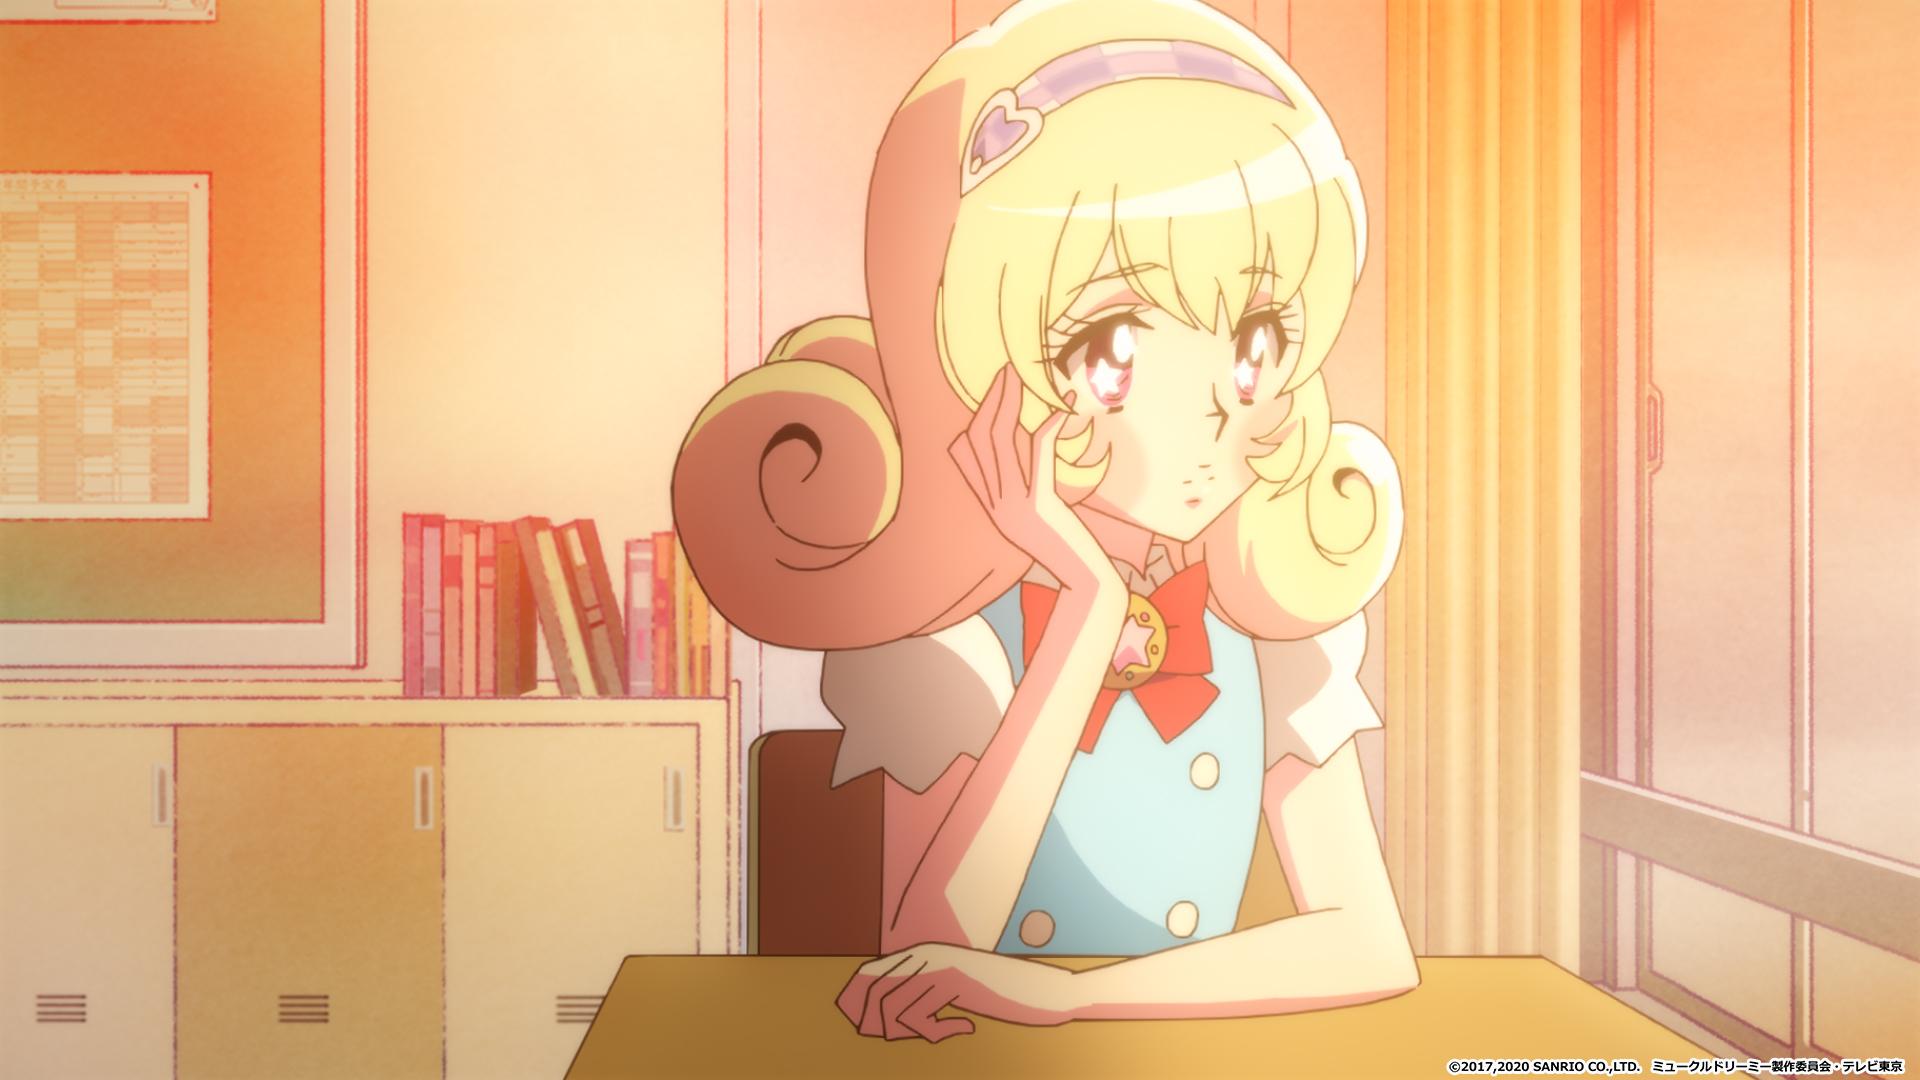 【アニメ】ミュークルドリーミーの10話あらすじ・ネタバレ感想 | ゆめの顔芸がおもしろすぎる